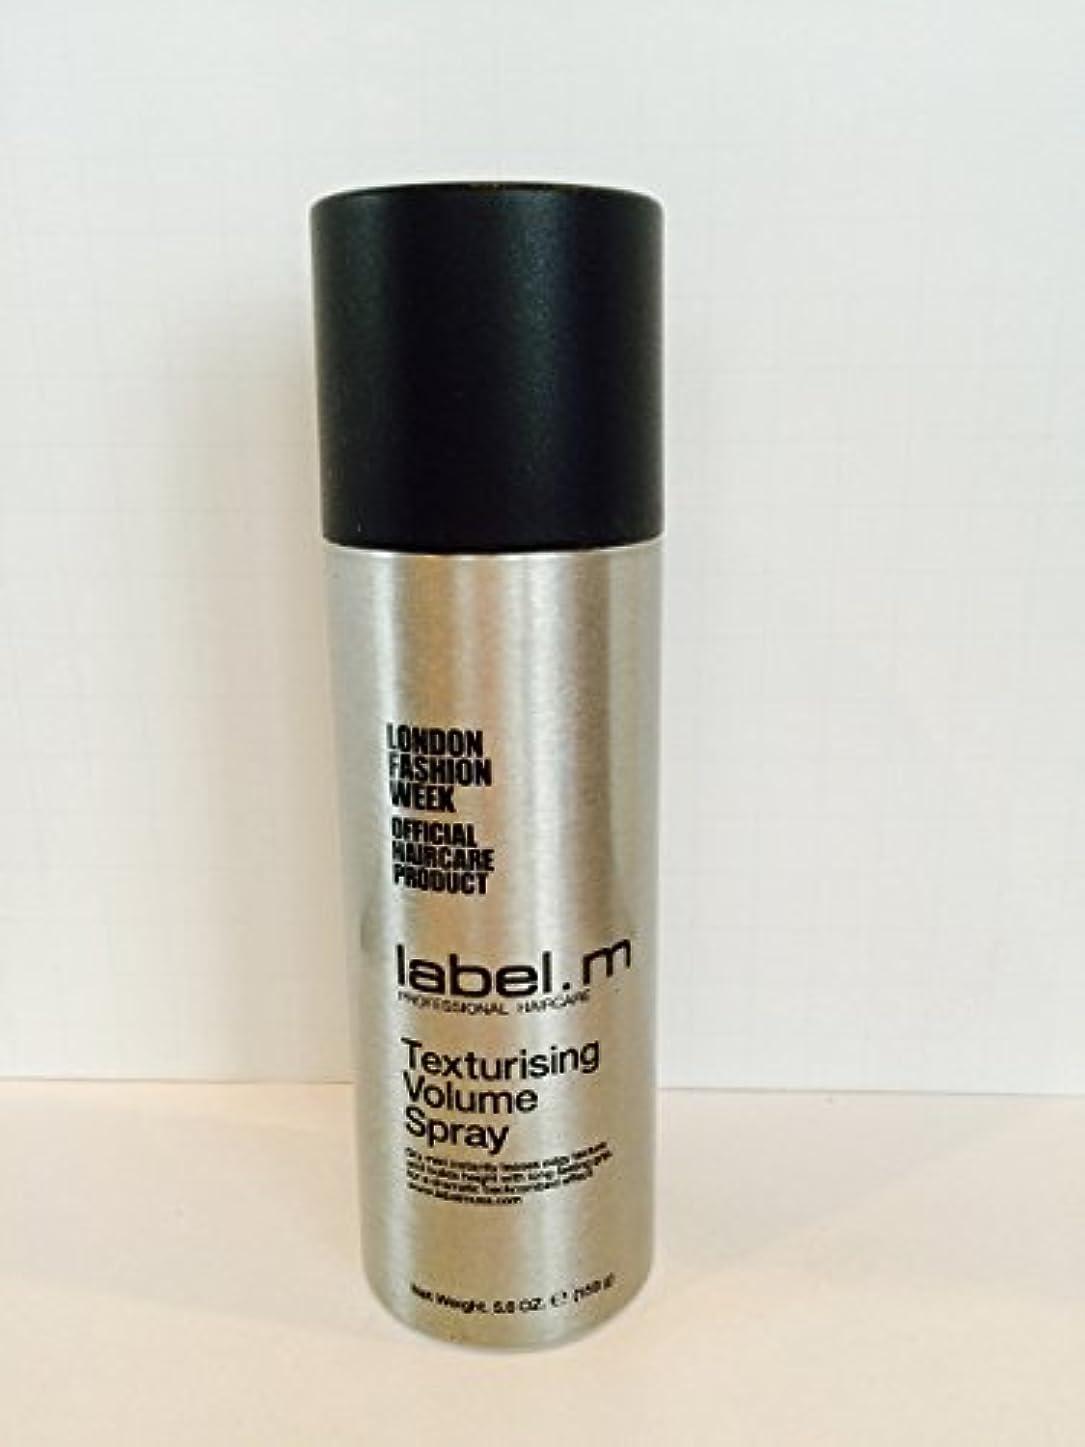 ランプ啓示透けて見えるLabel.M Professional Haircare Label.Mテクスチャーボリュームスプレー、5.6オンス